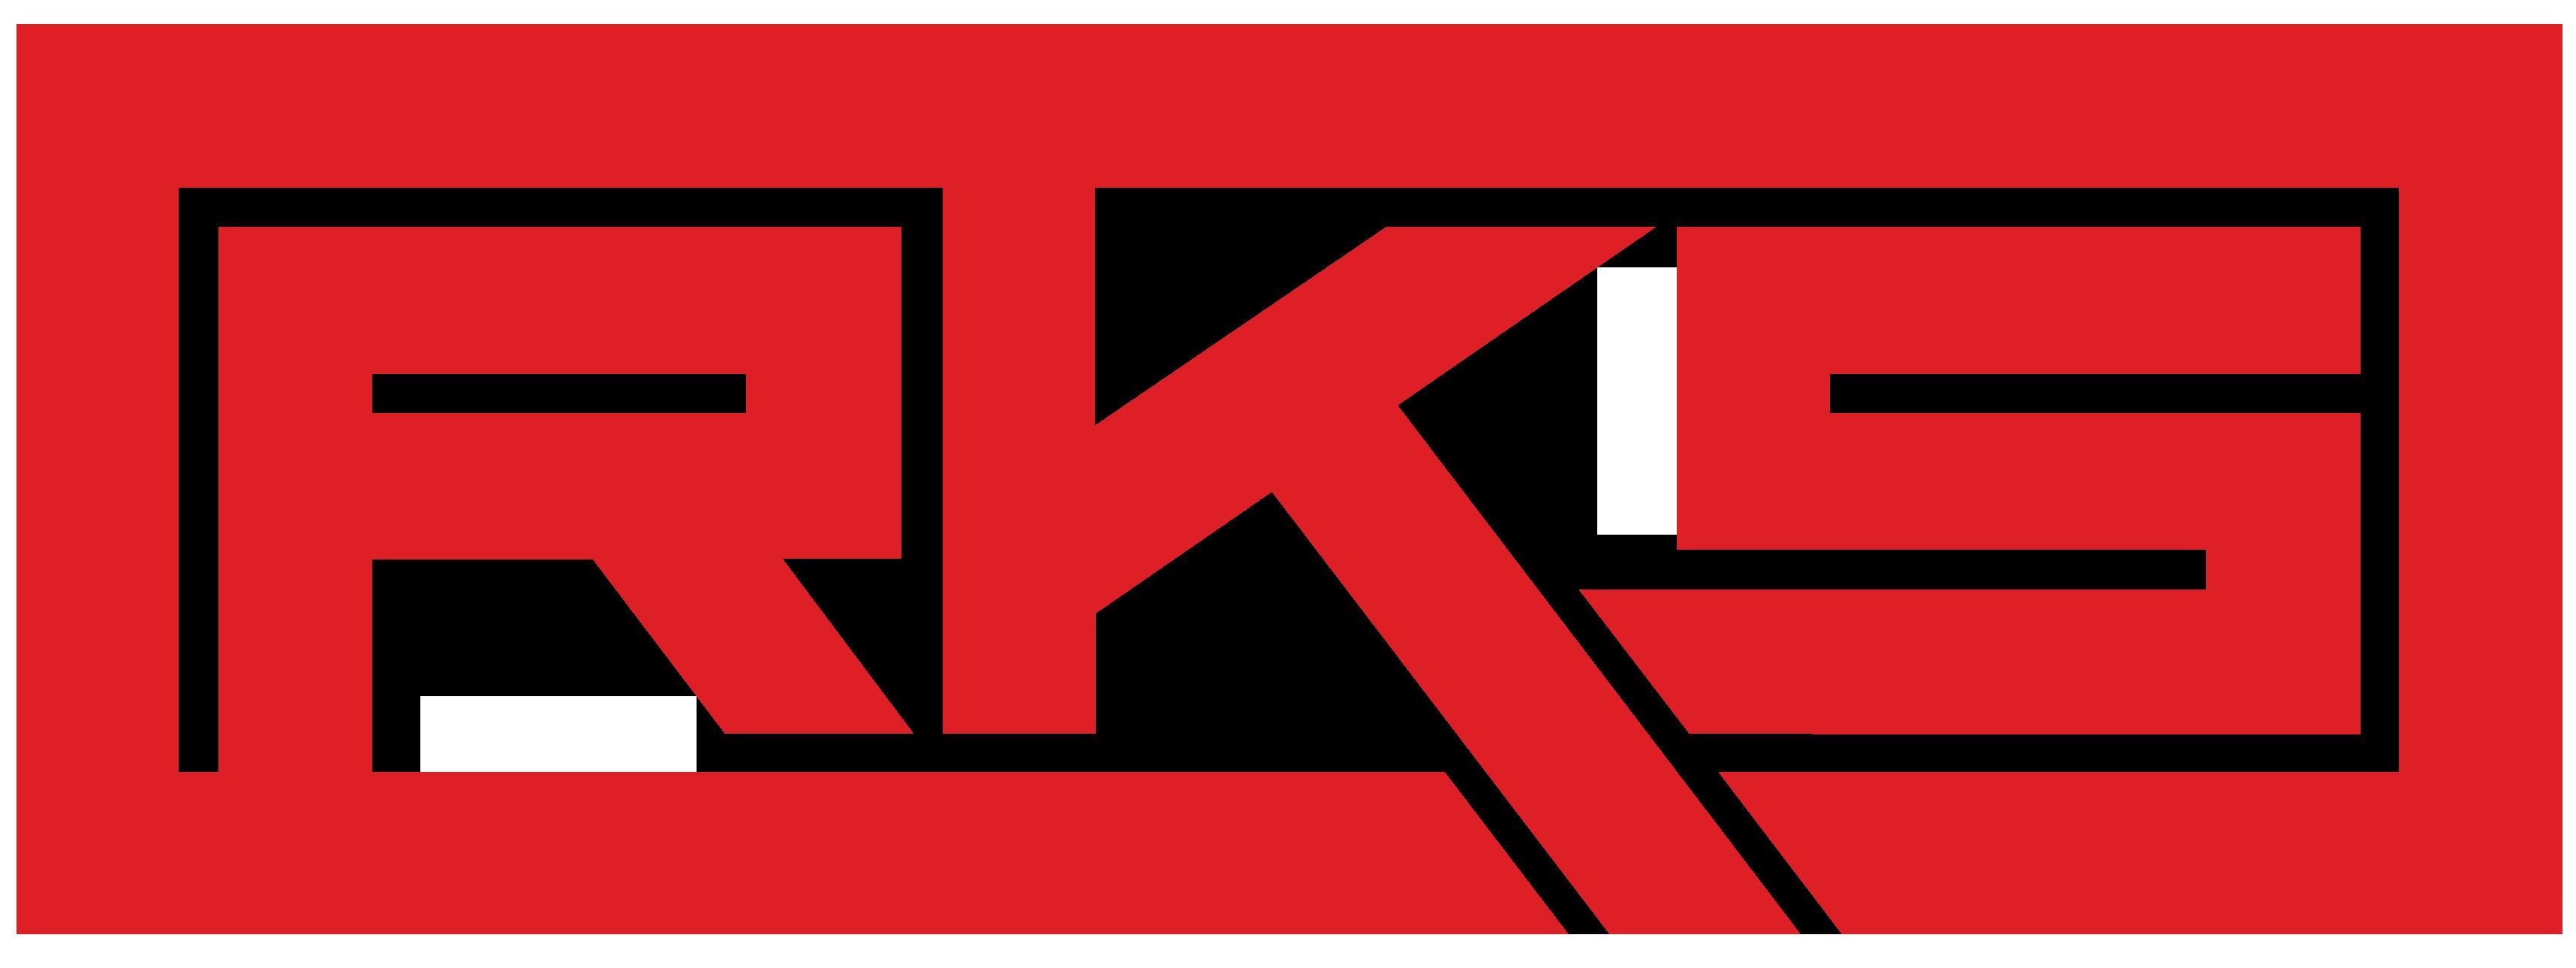 RKS Workout